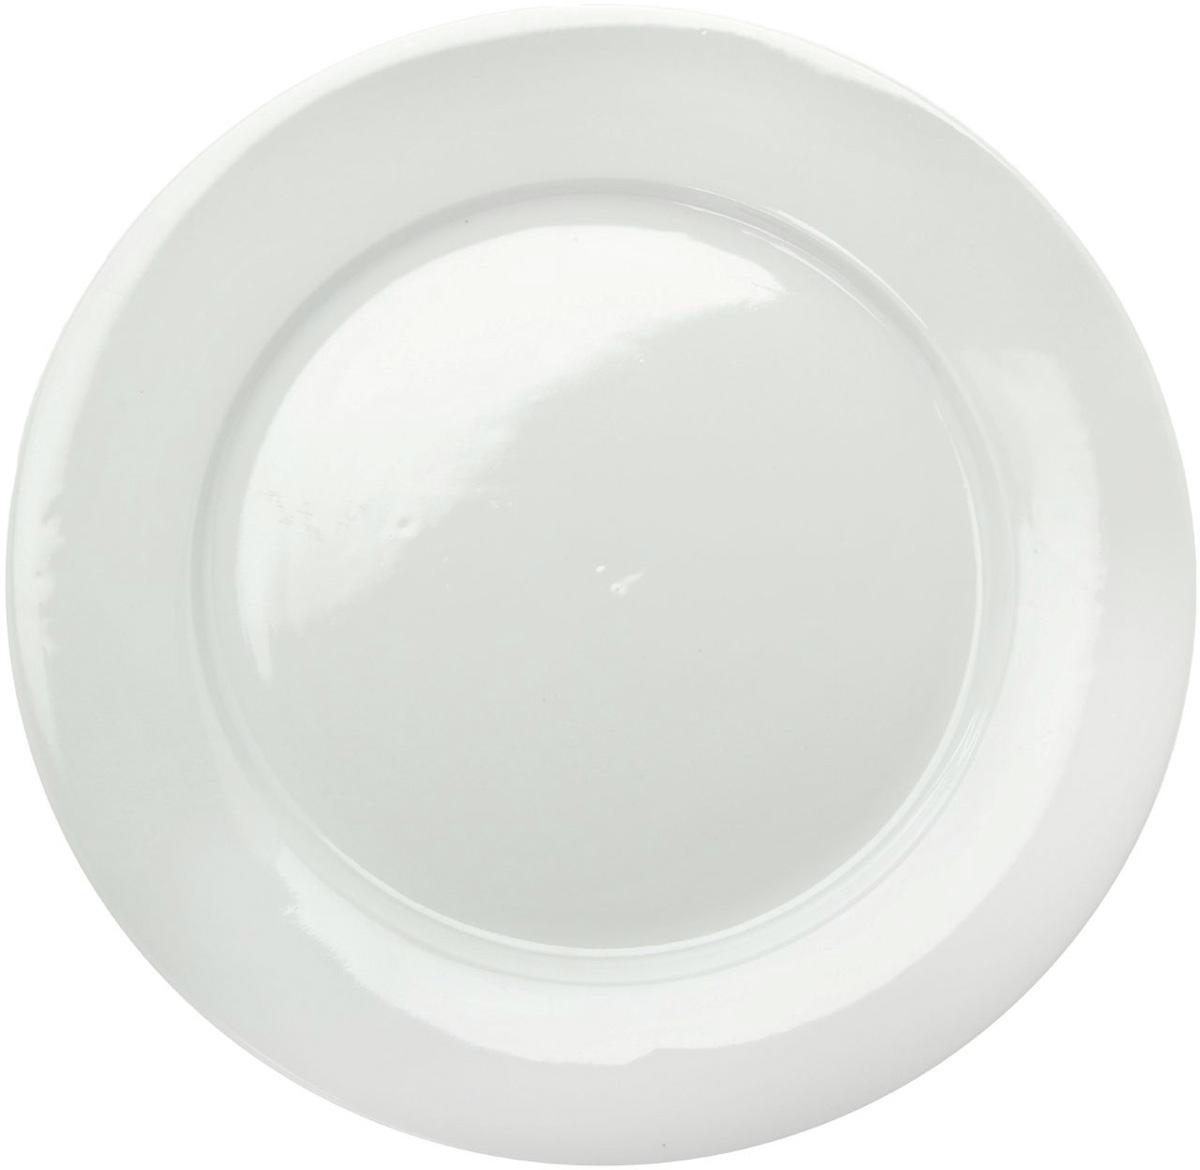 Тарелка десертная Фарфор Вербилок, диаметр 15 см. 515055515055От качества посуды зависит не только вкус еды, но и здоровье человека. Тарелка - товар, соответствующий российским стандартам качества. Любой хозяйке будет приятно держать его в руках. С такой посудой и кухонной утварью приготовление еды и сервировка стола превратятся в настоящий праздник.